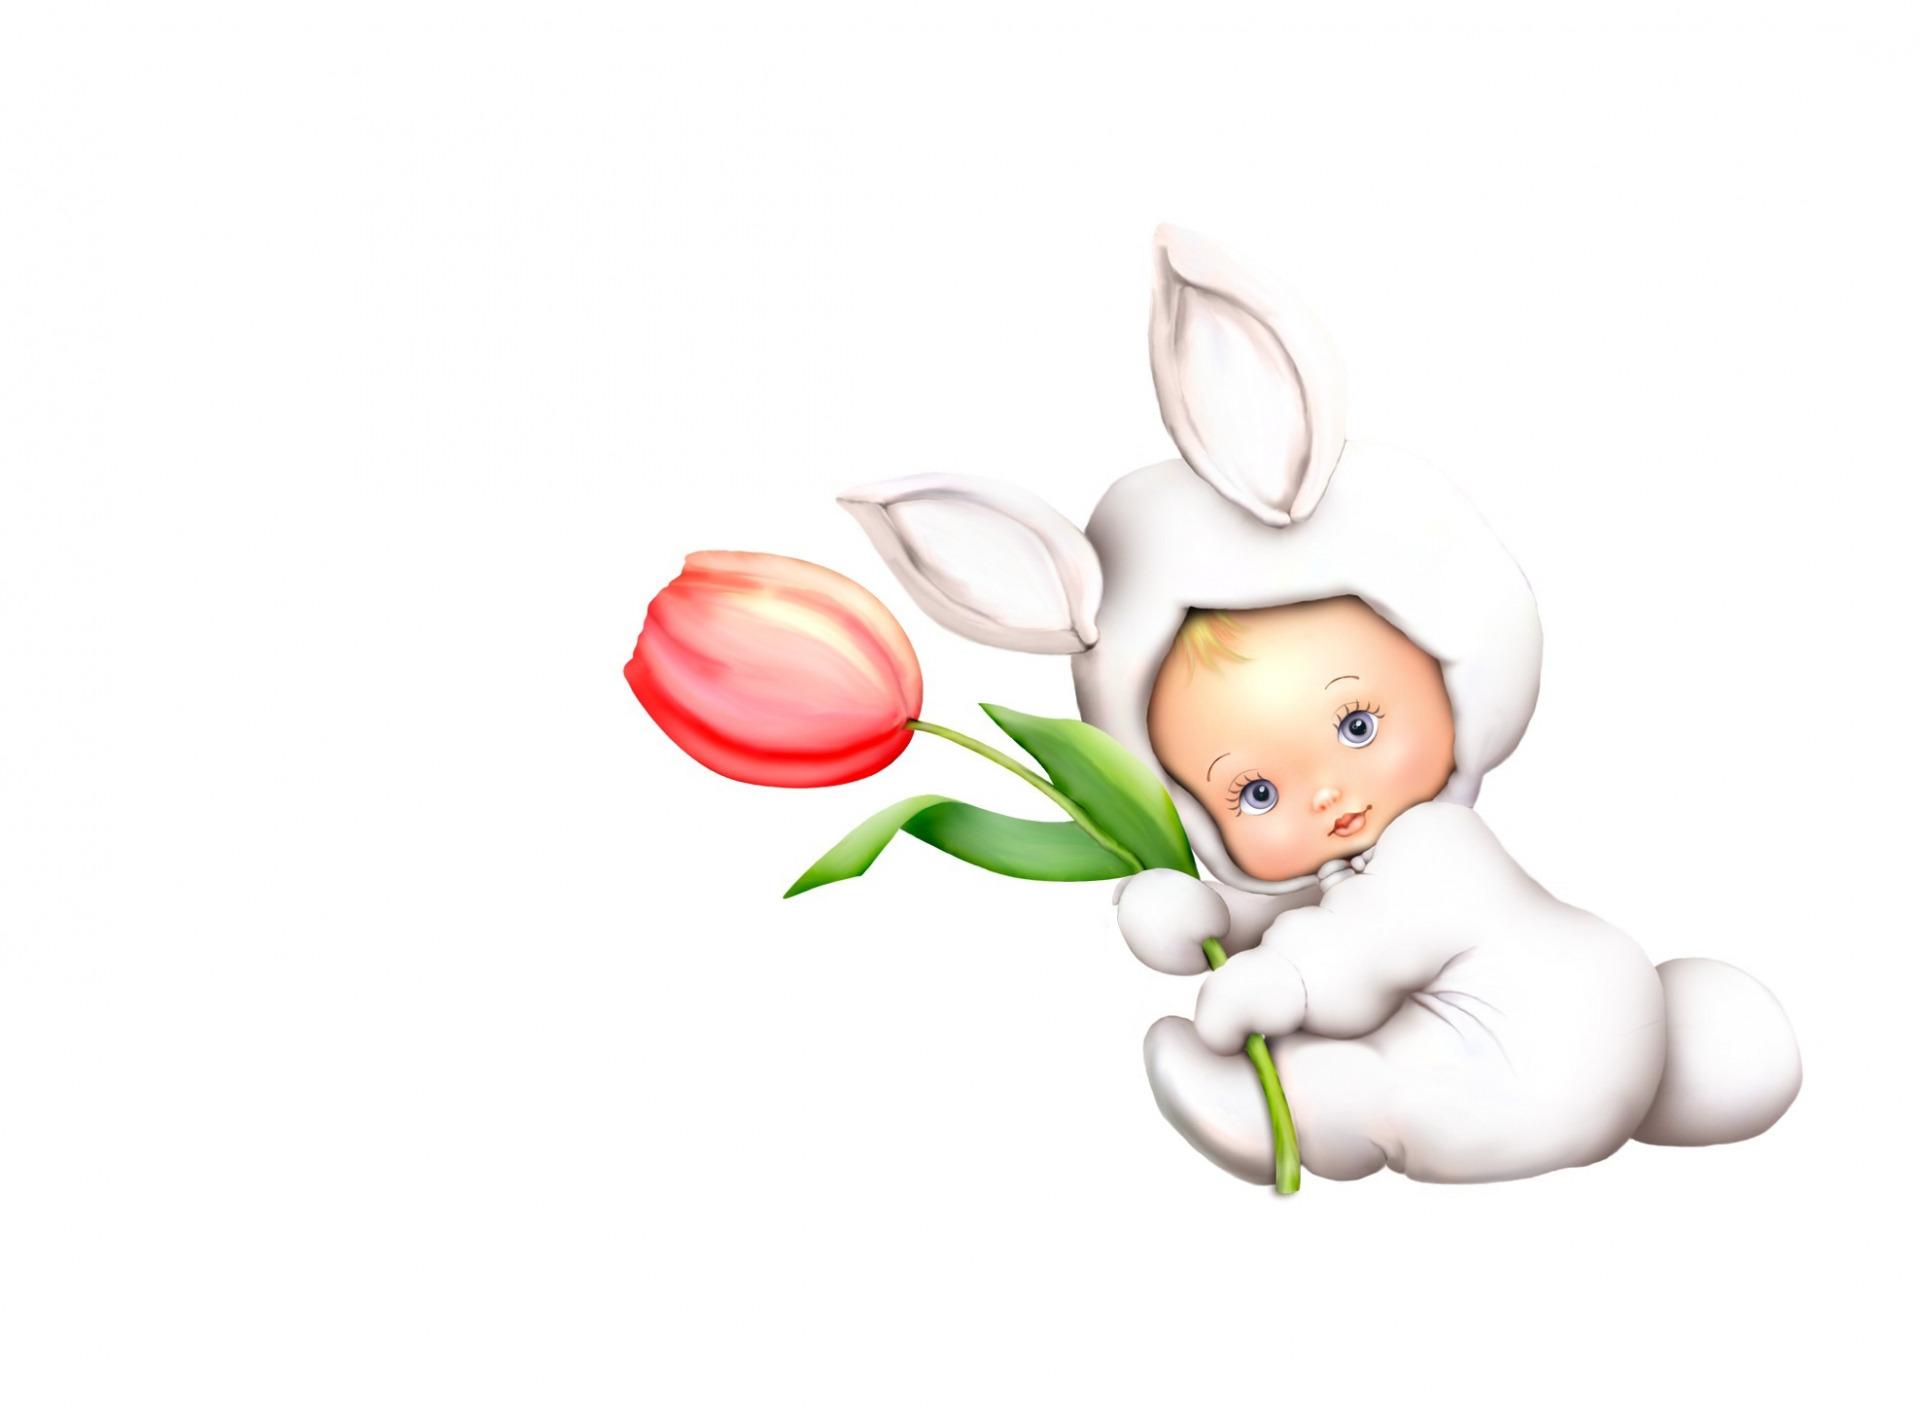 Поздравление с днем рождения малышке картинки, открытка днем